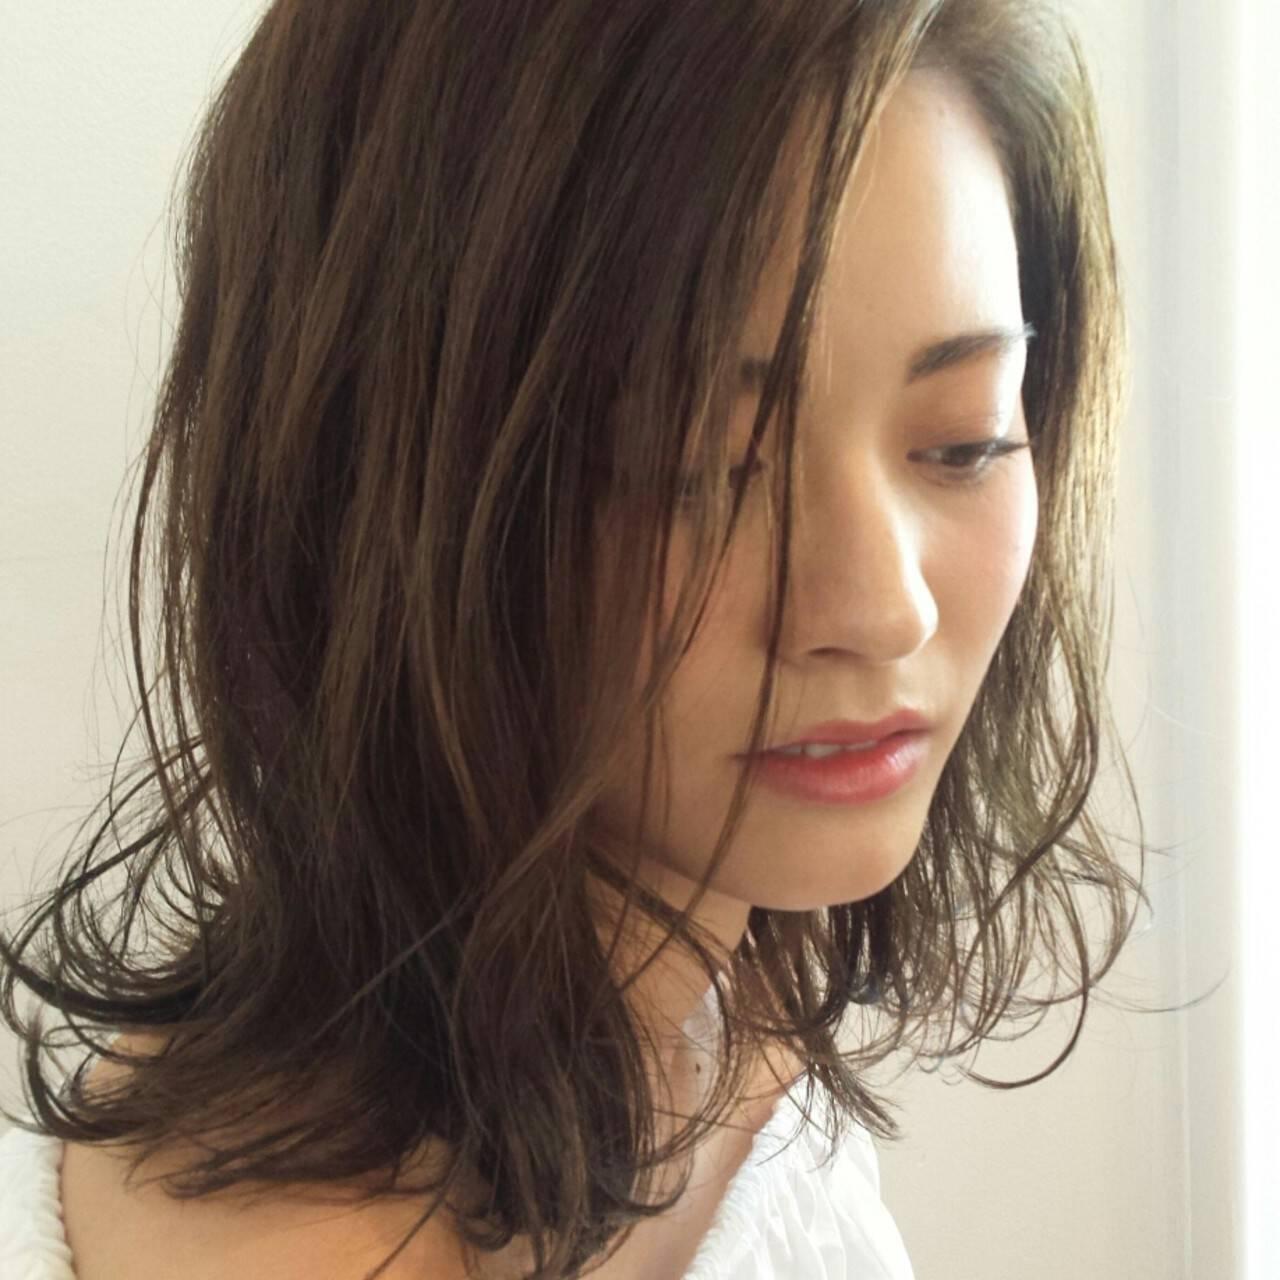 ウェーブ ナチュラル ウェットヘア ルーズヘアスタイルや髪型の写真・画像